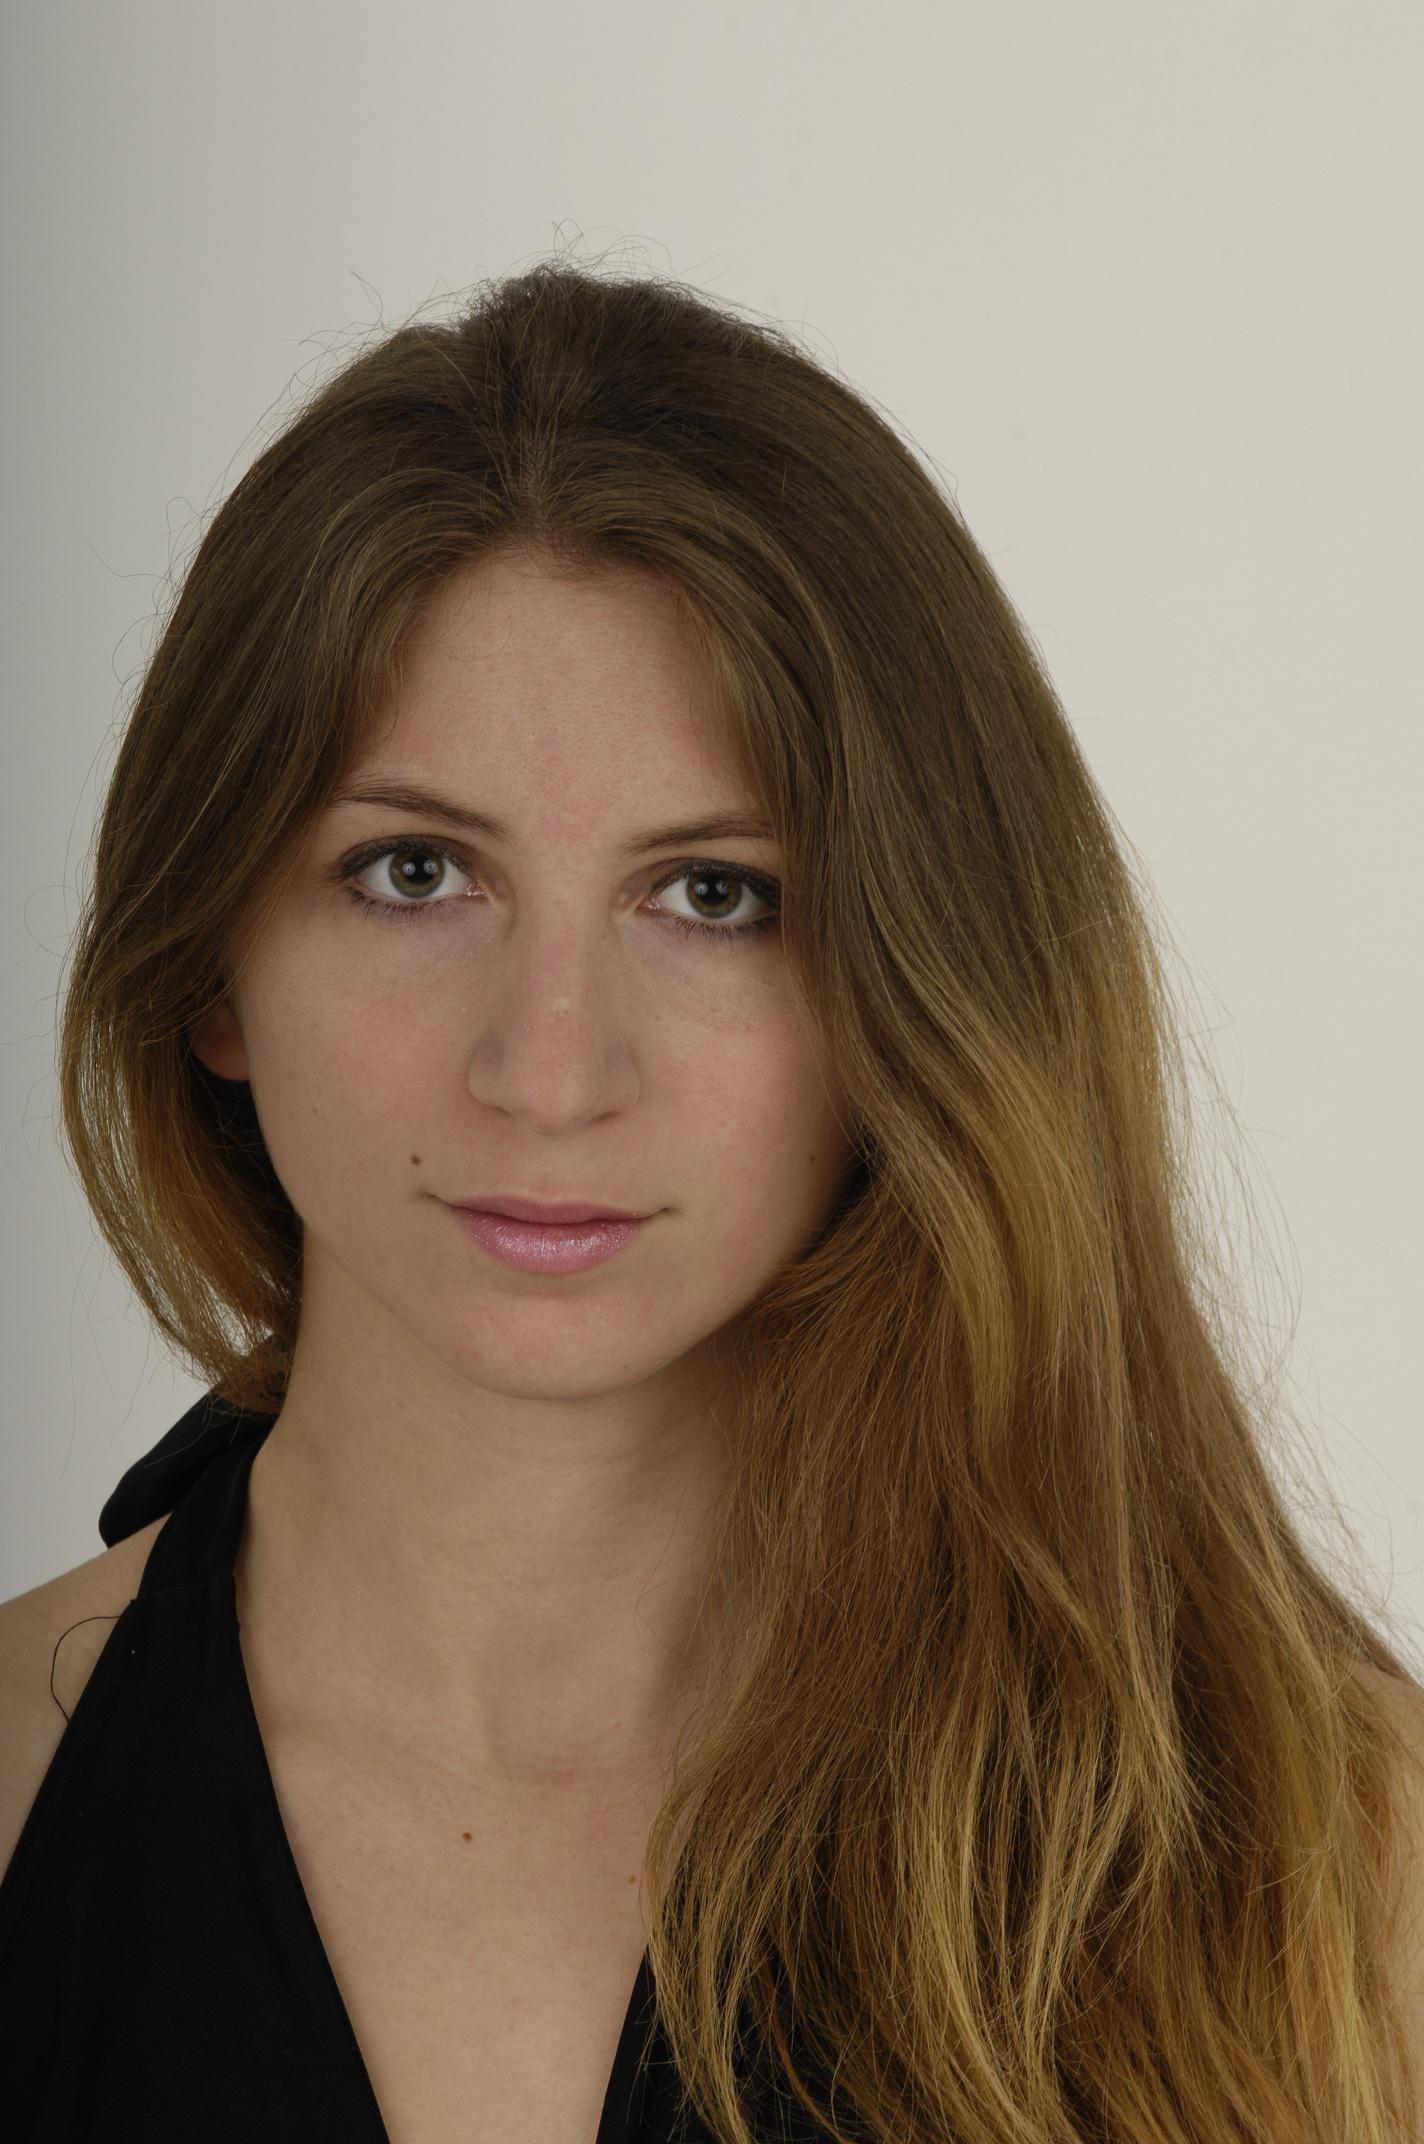 Sasha M.